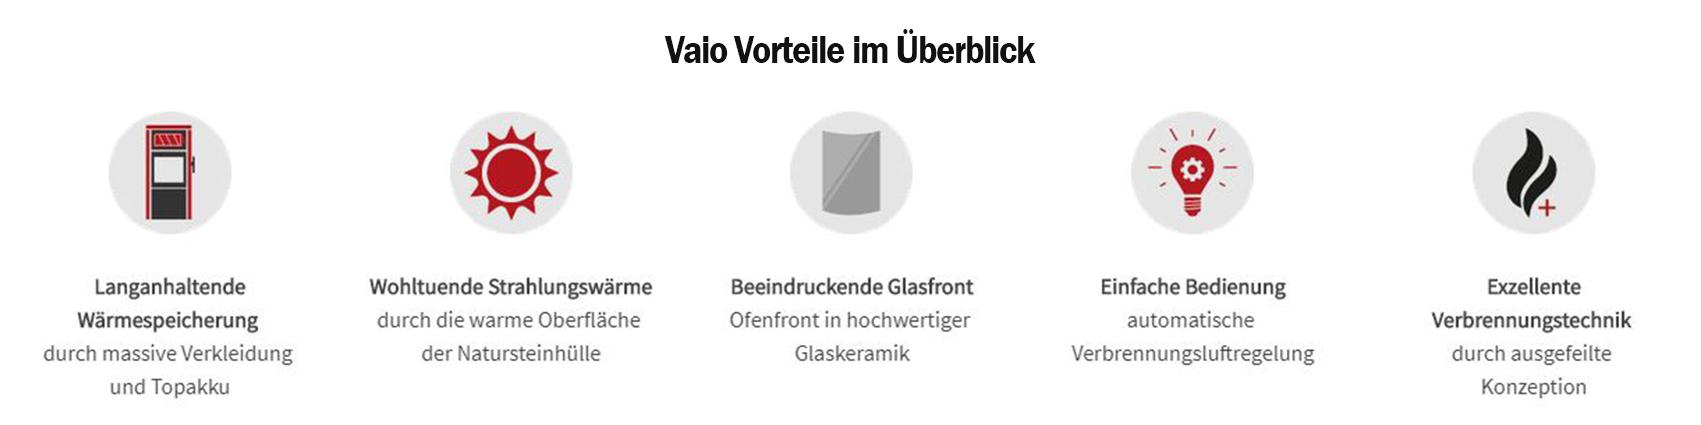 Vaio-Vorteile-im-Ueberblick